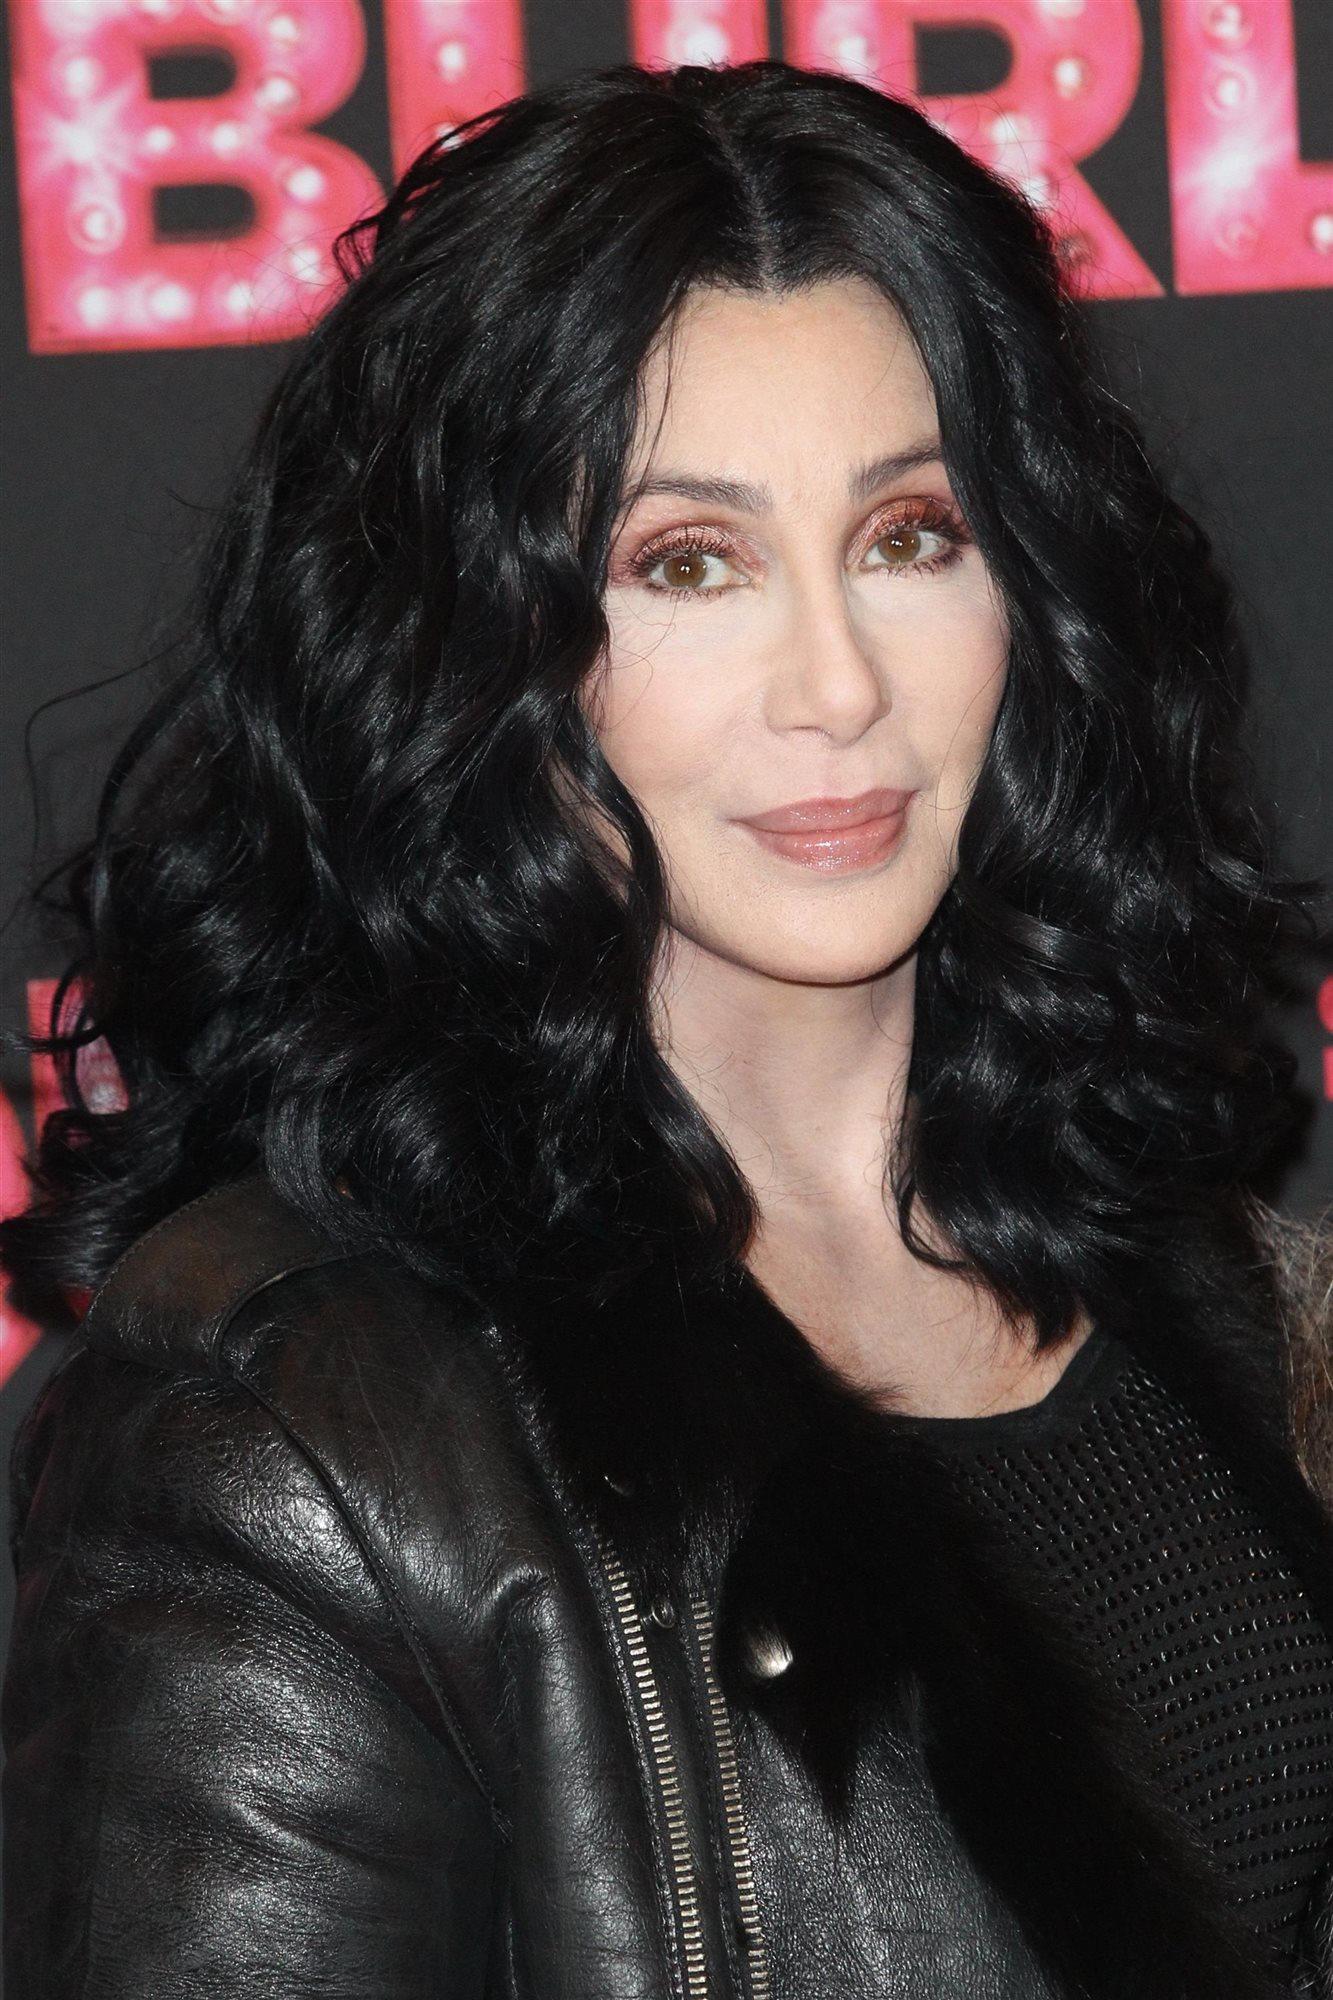 Fotos De Cher 13 fotos de cher